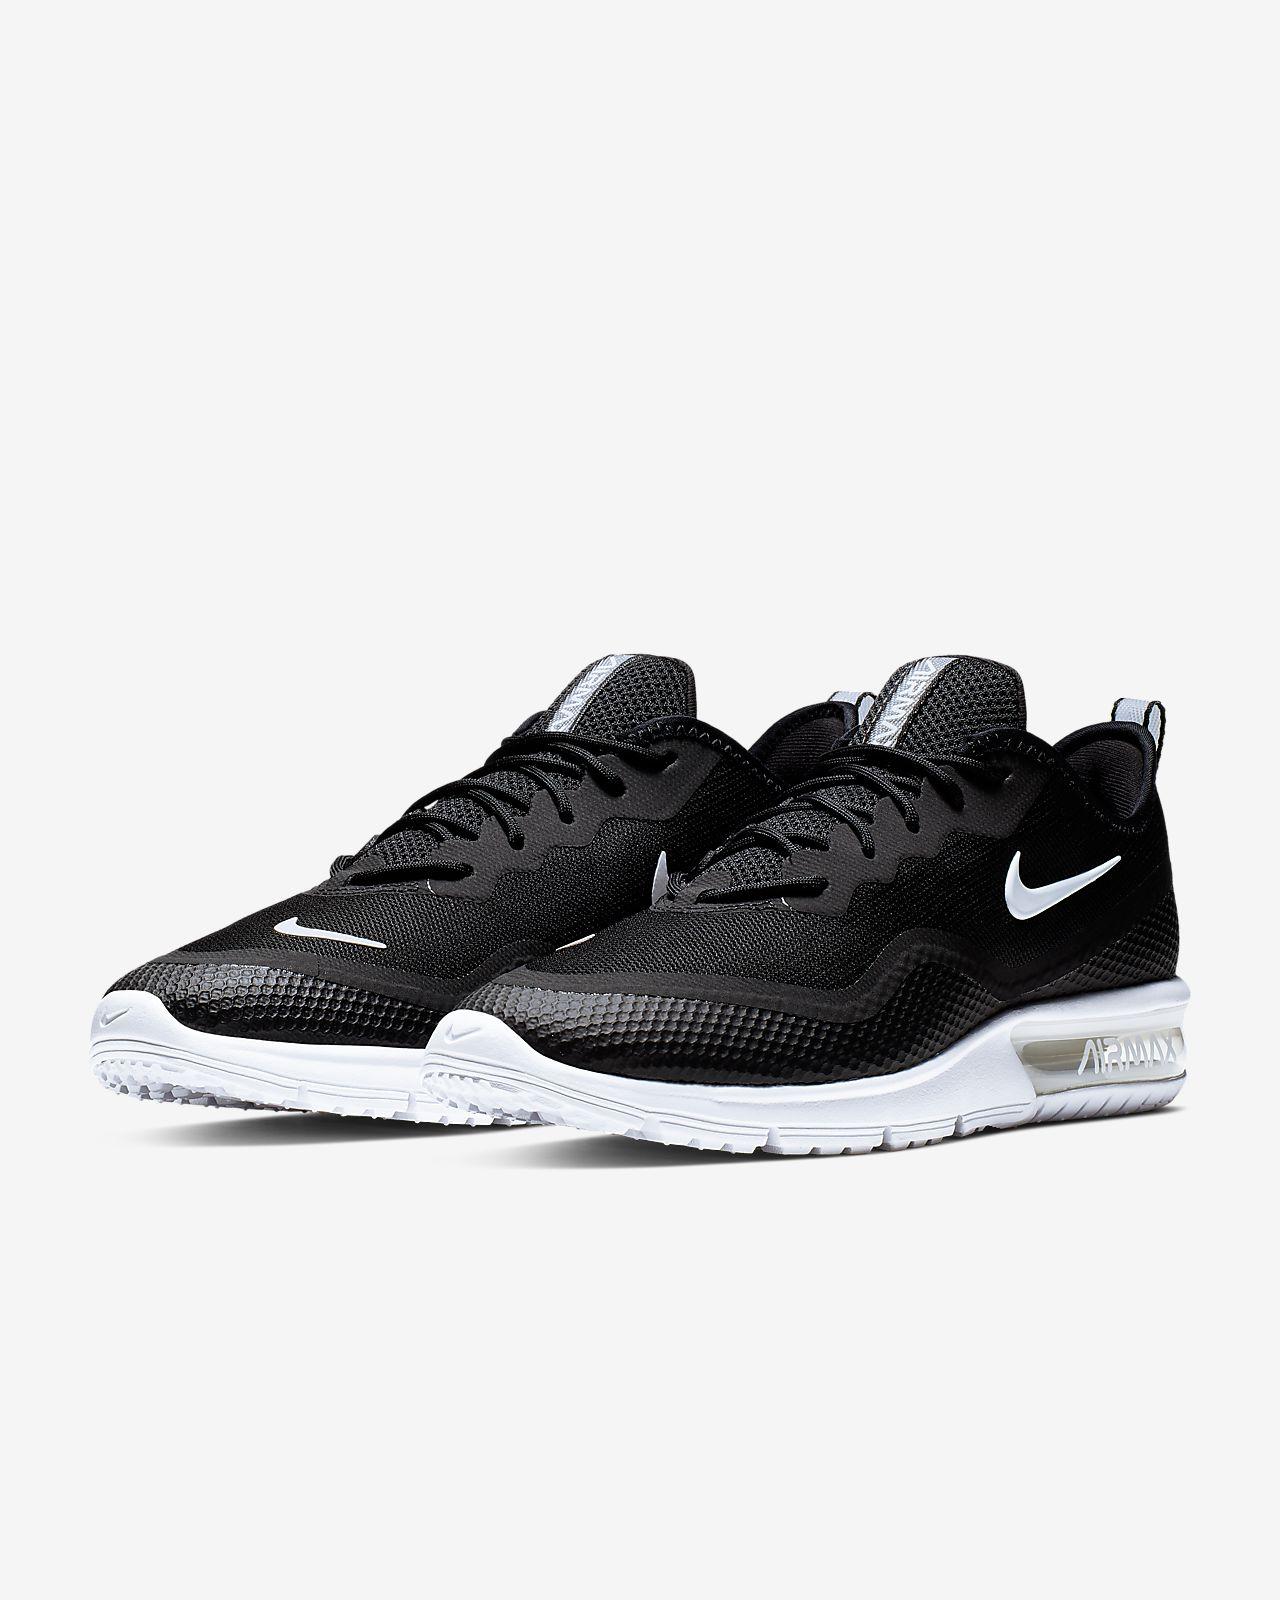 online retailer 89f96 6f2f2 ... Löparsko Nike Air Max Sequent 4.5 för män